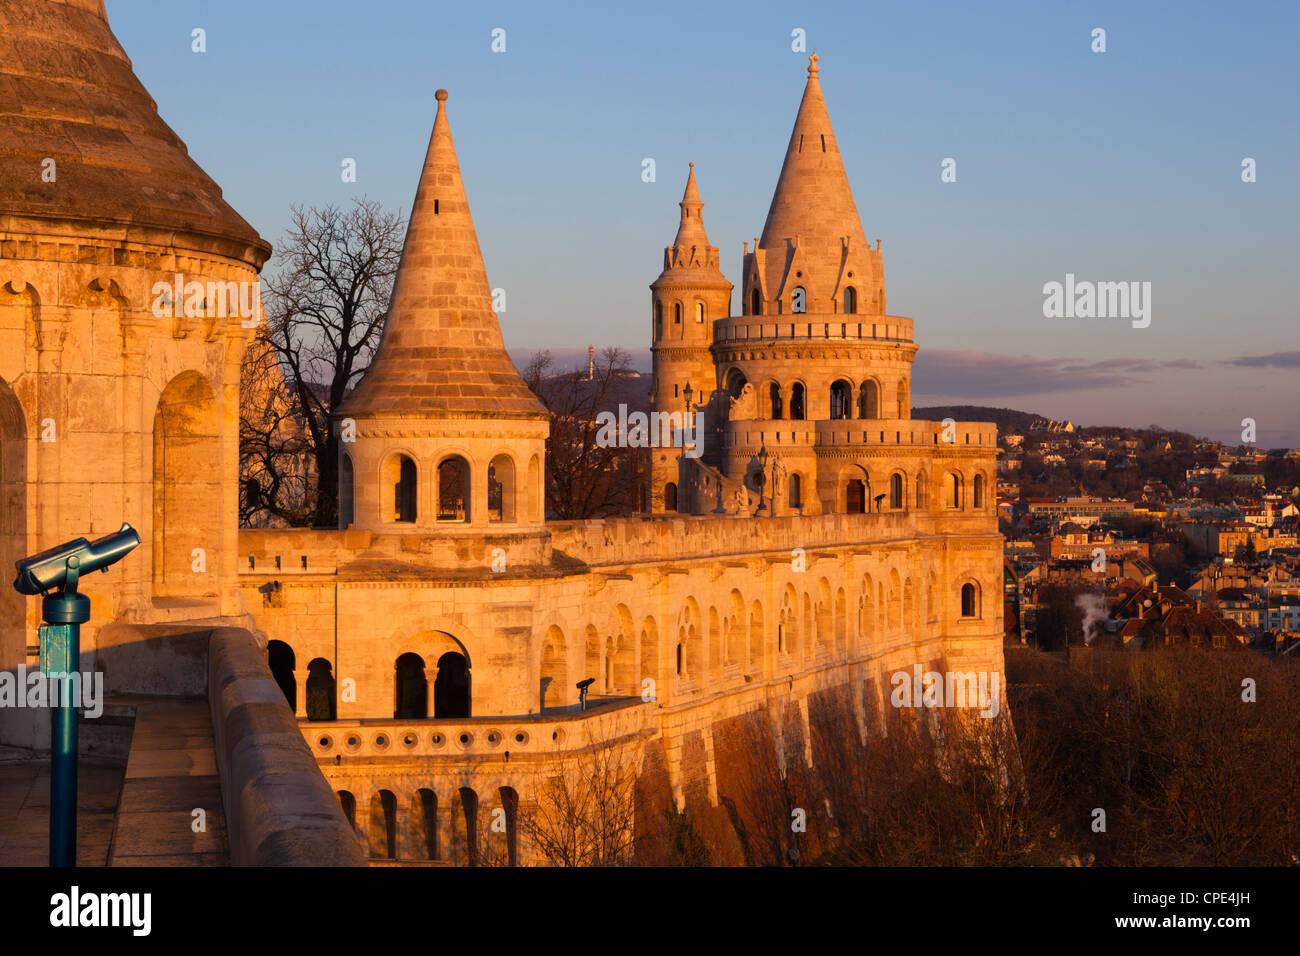 Türme der Fischerbastei (Halaszbastya) bei Dämmerung, Buda, Budapest, Ungarn, Europa Stockbild